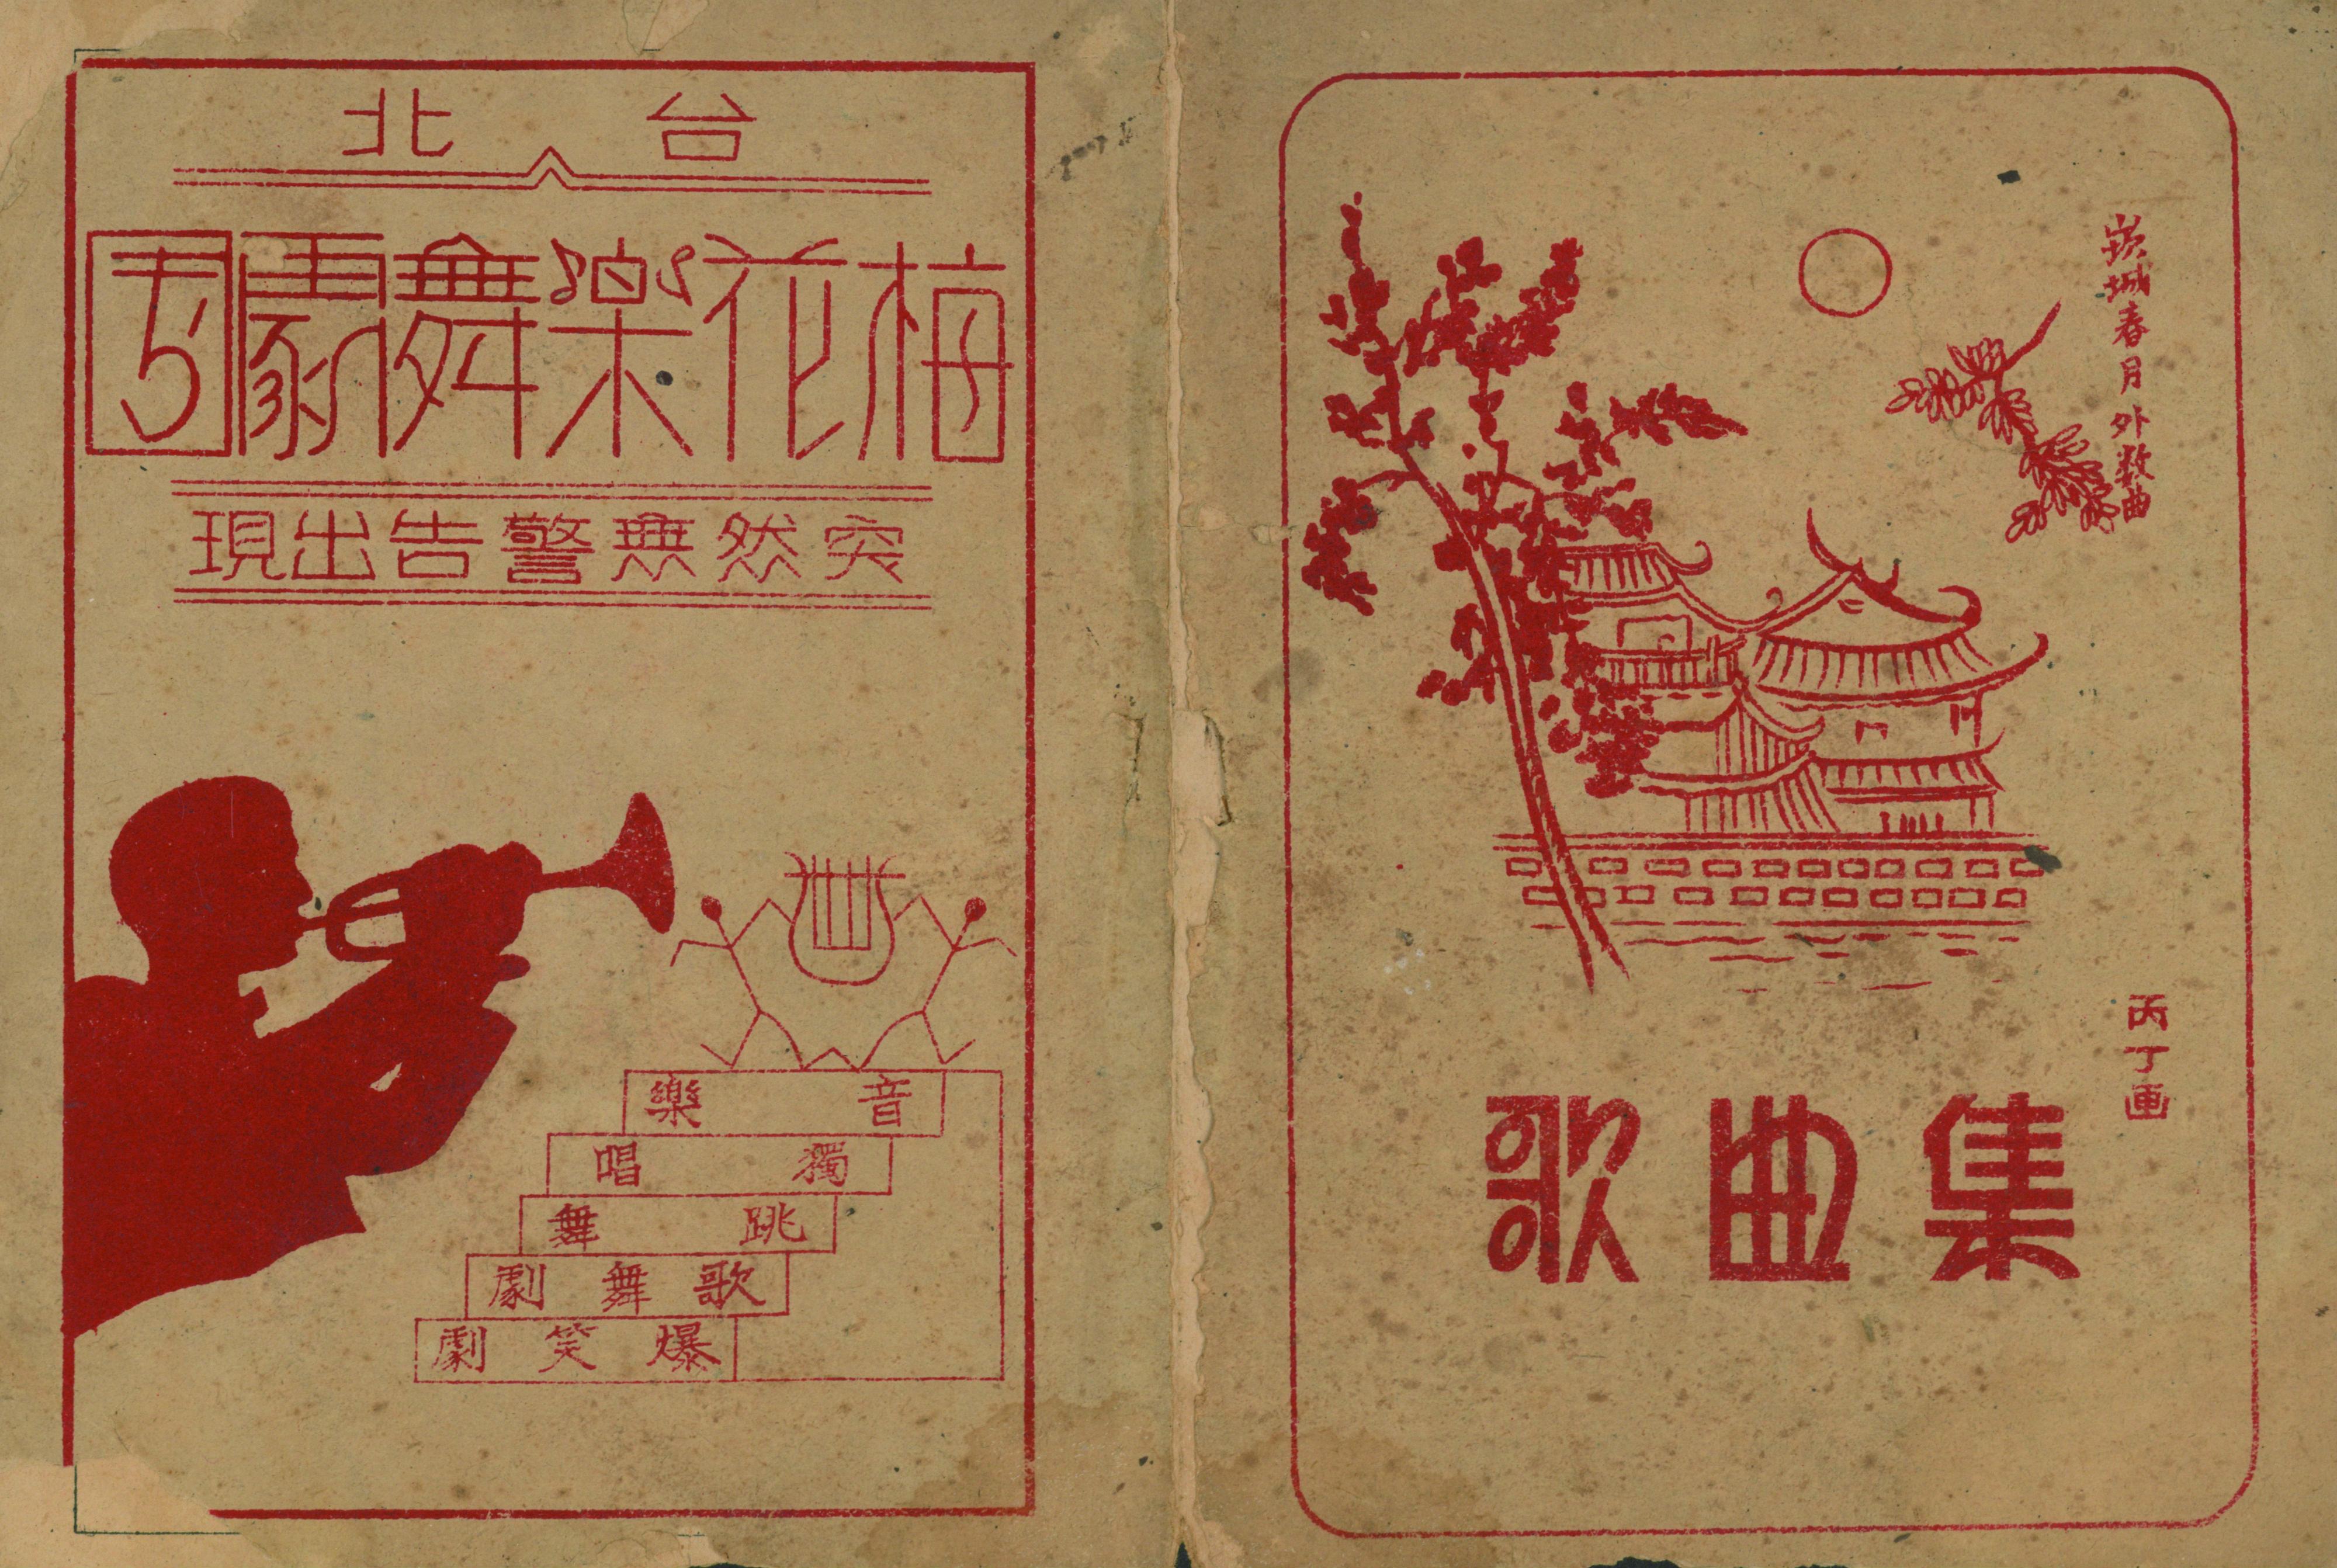 4 許石最早出版的《歌曲集》封面。 ( 許朝欽提供).jpg